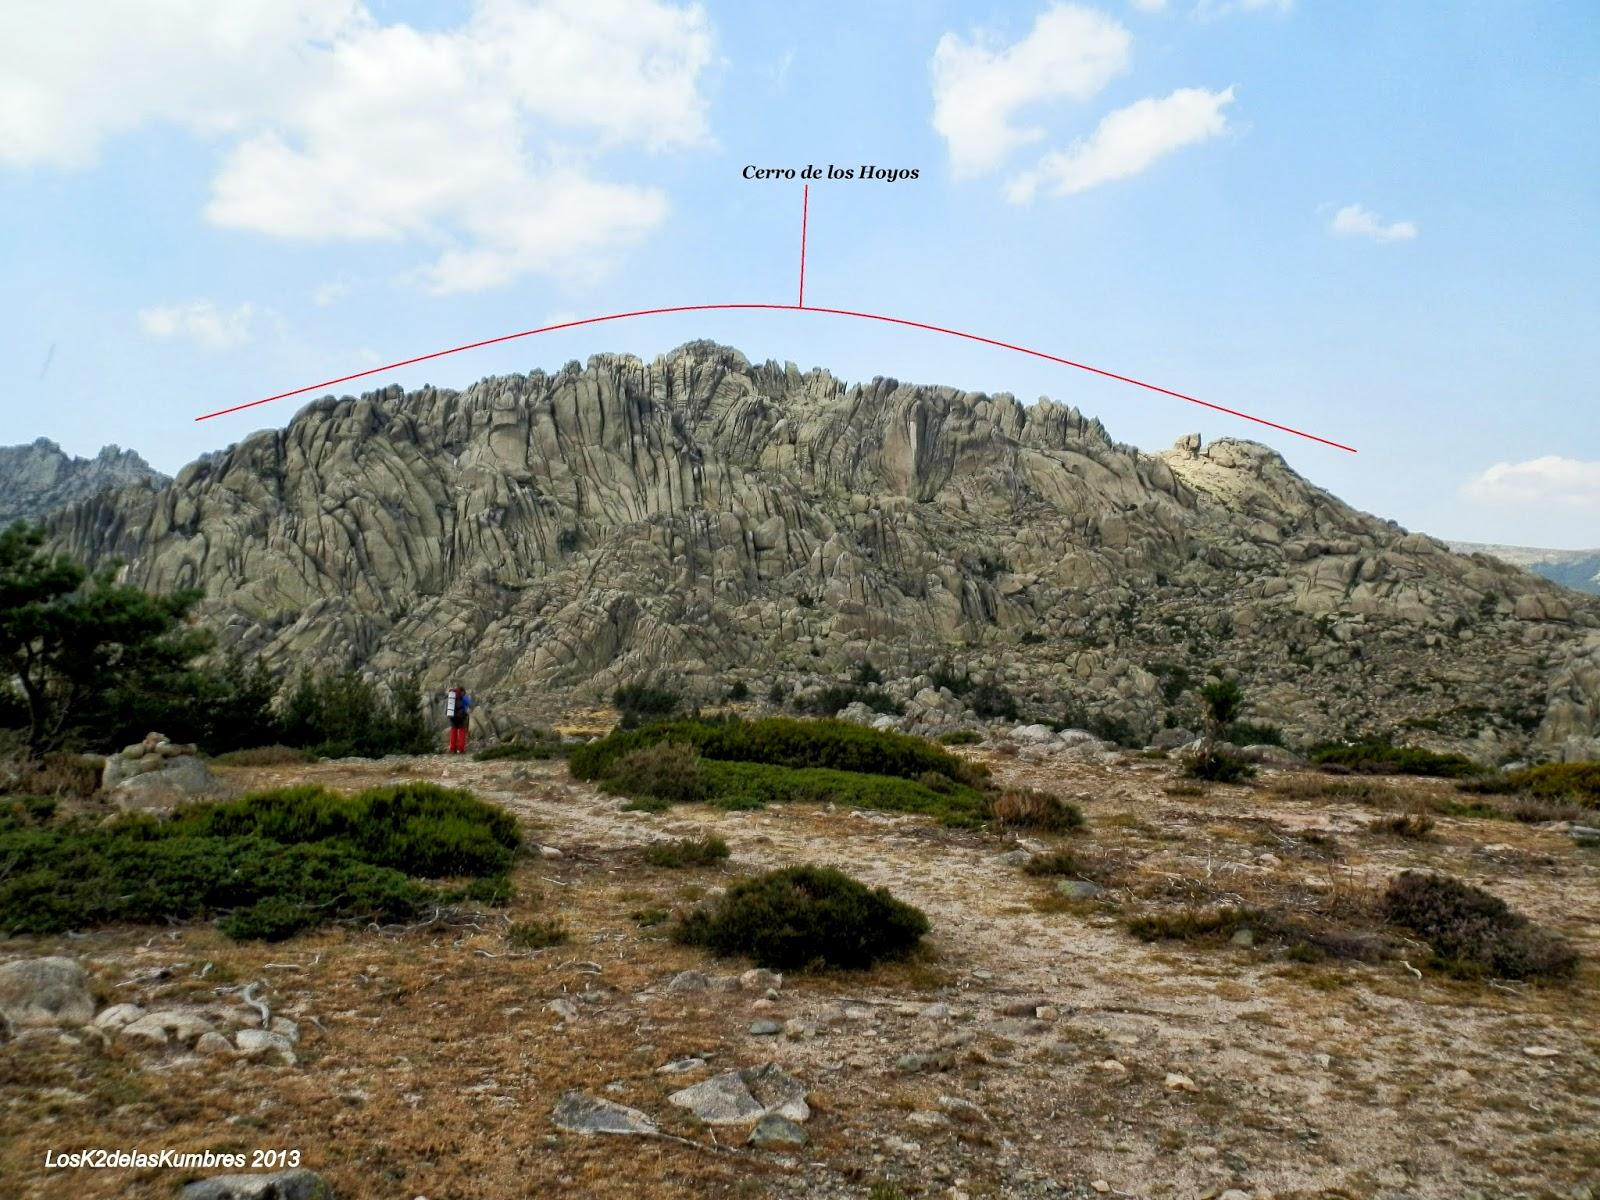 Cerro de los Hoyos